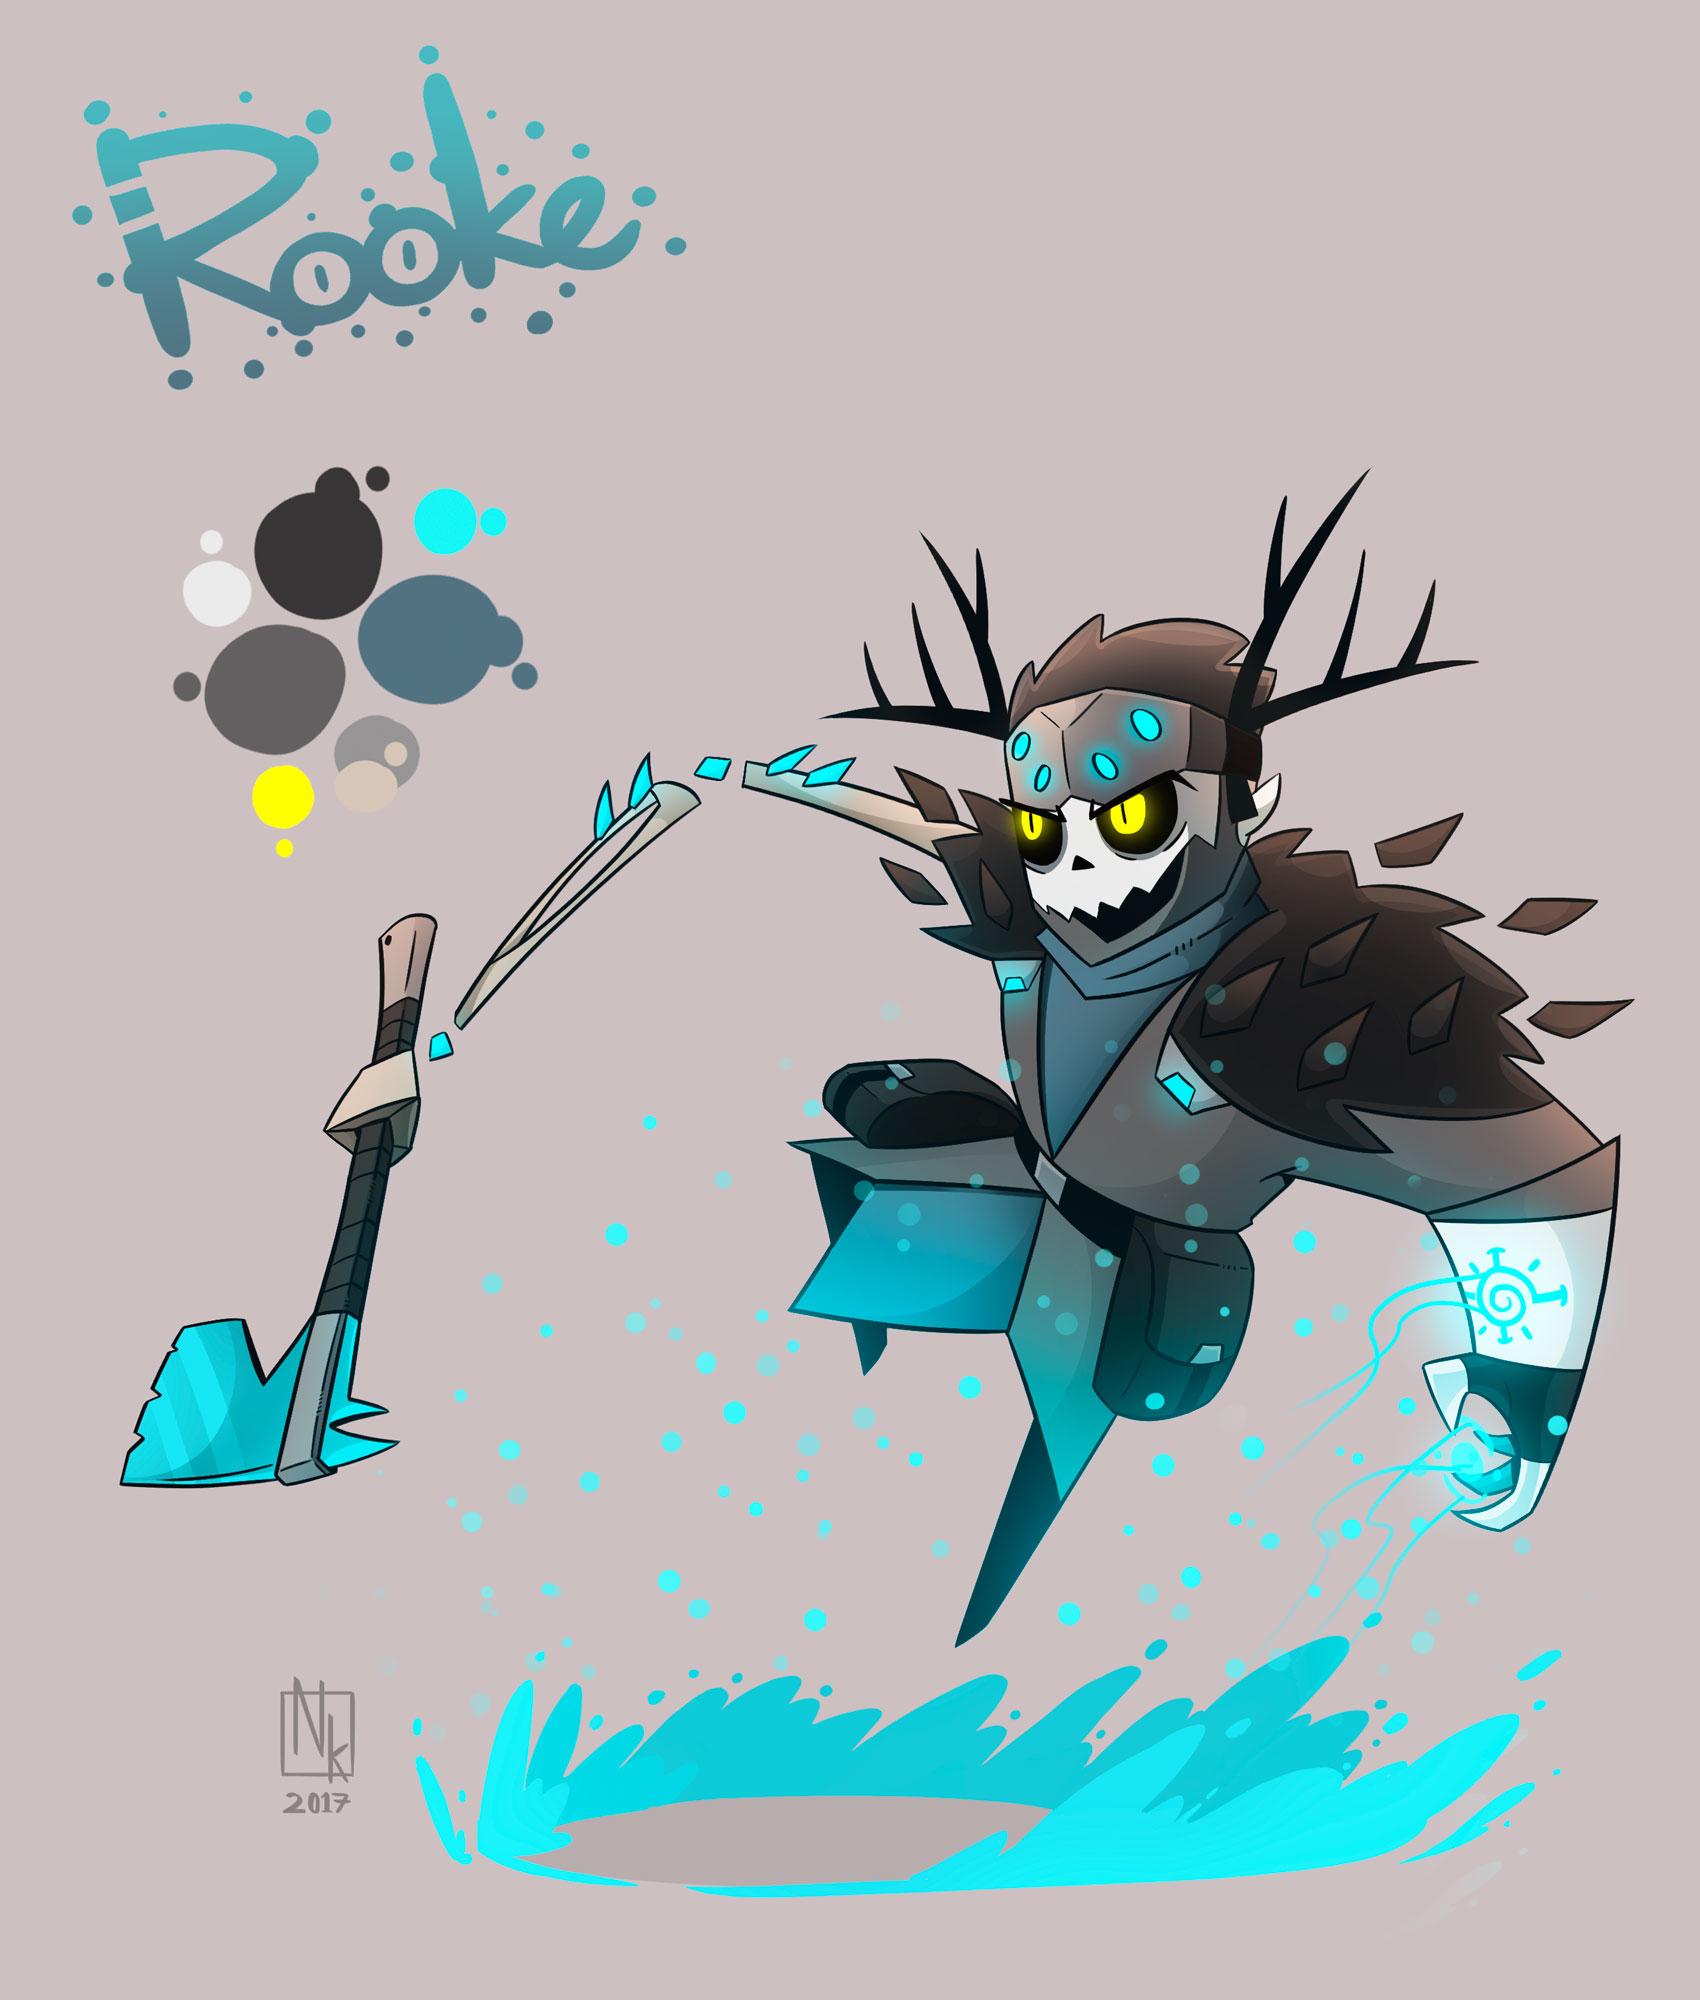 Webcomic character #2: Rooke